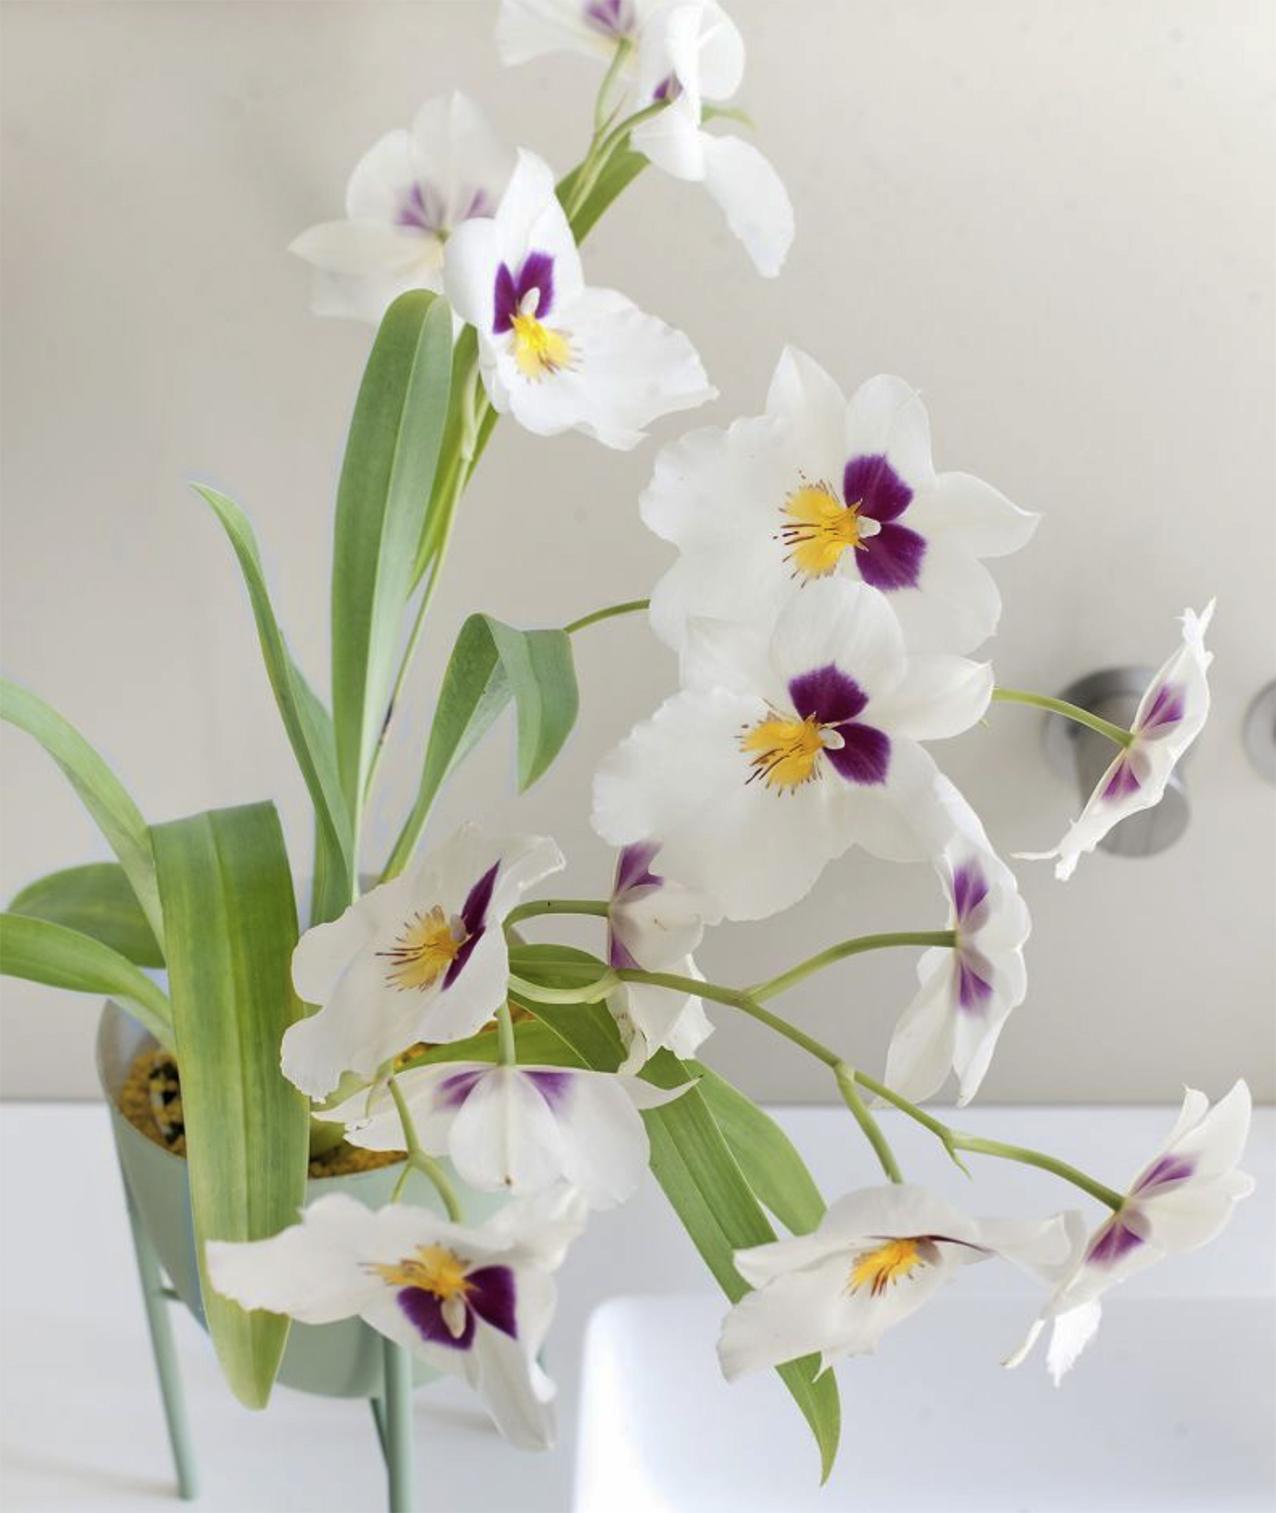 Orchids are so pretty